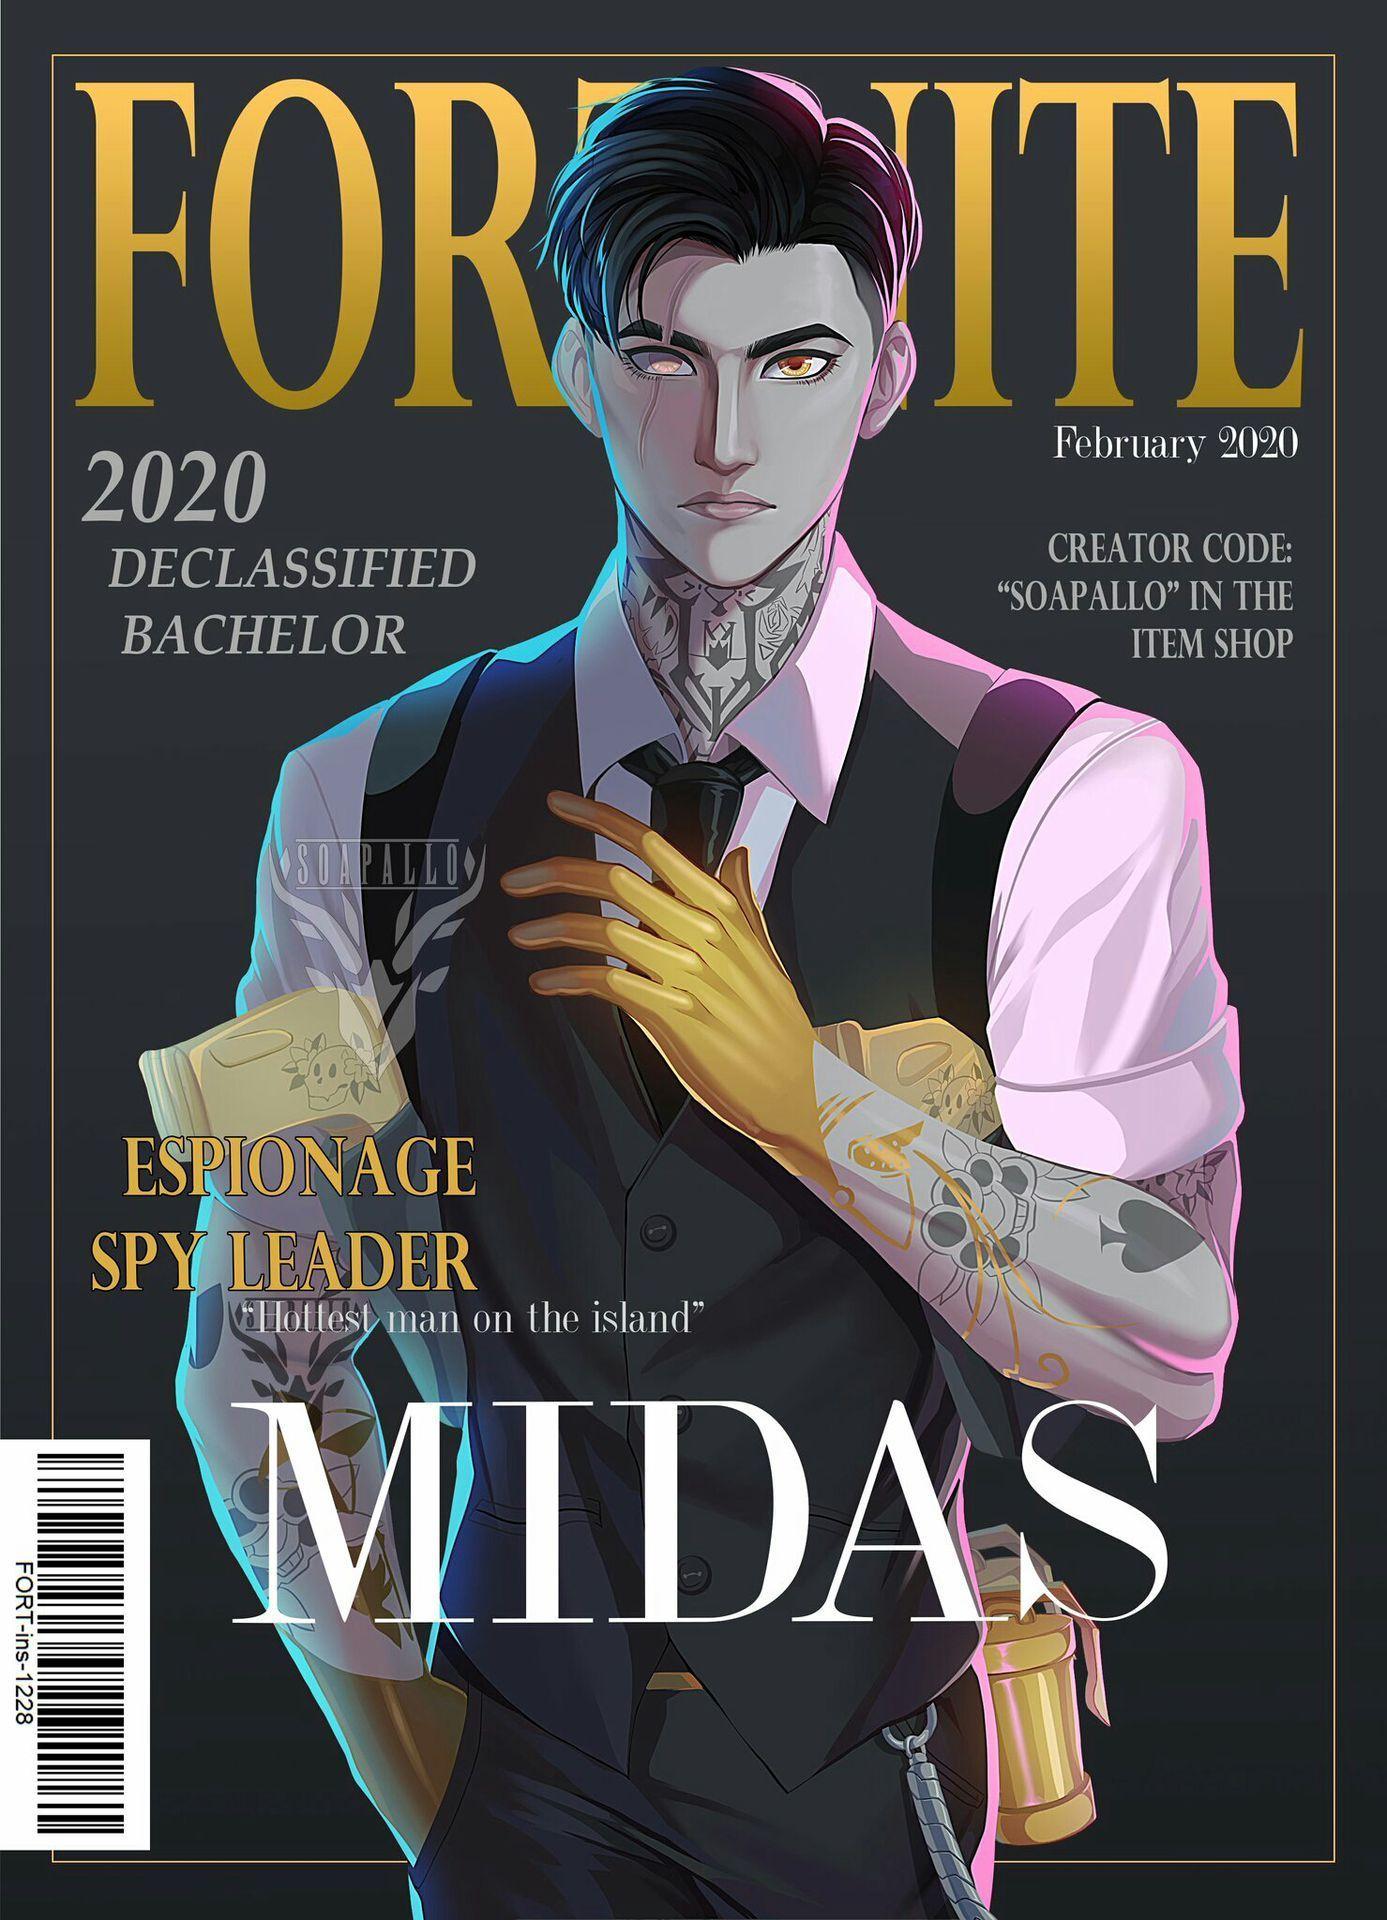 (っ◔◡◔)っ ❁ ♥ Fortnite imágenes. ♥❁ - Midas